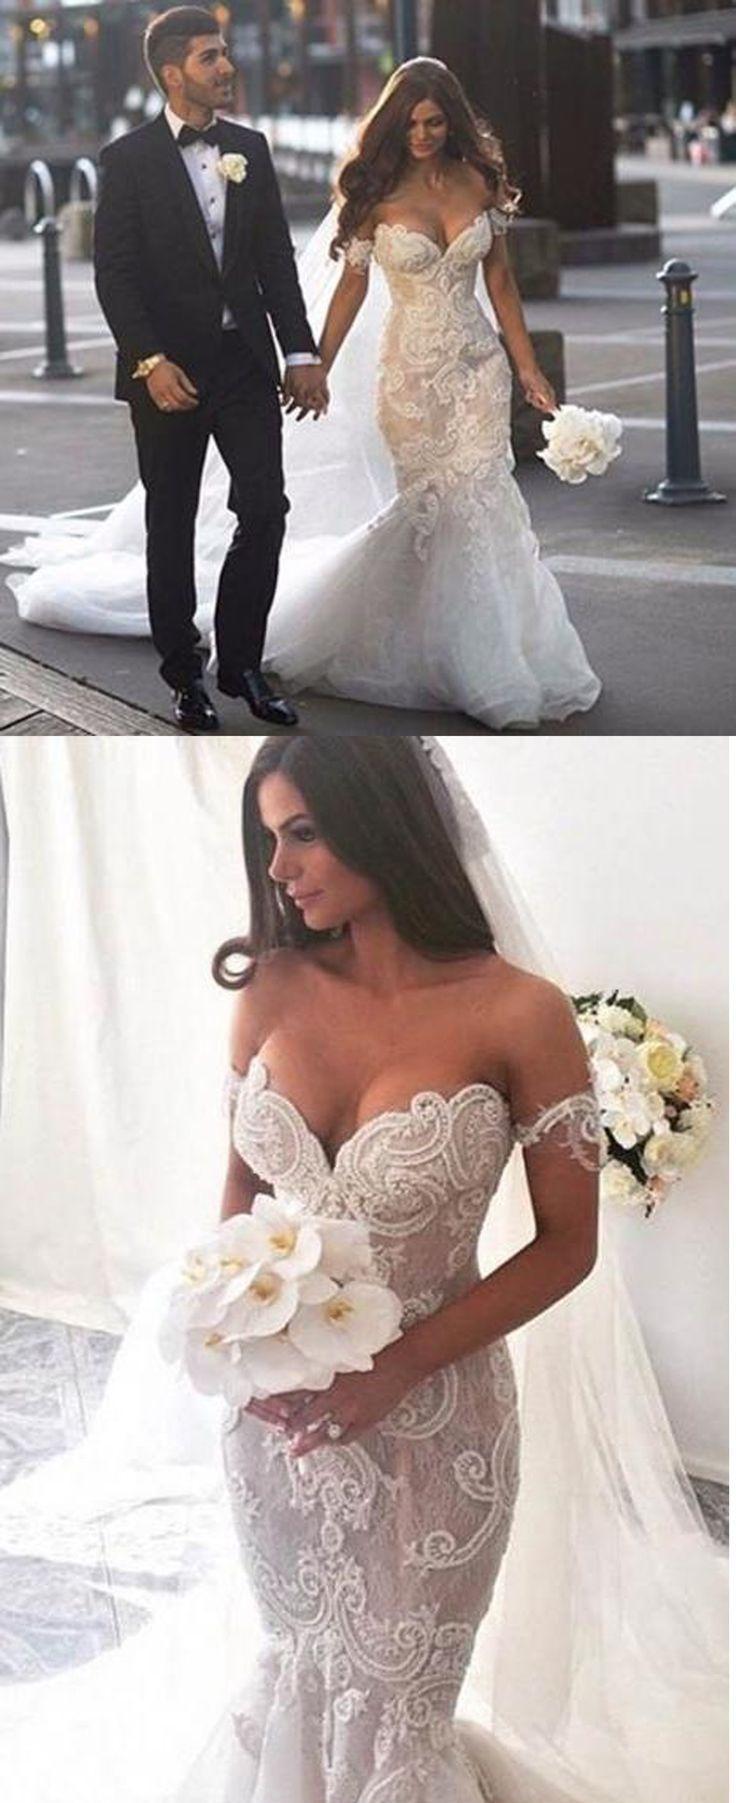 Boda - White Wedding Dress, Lace Mermaid W